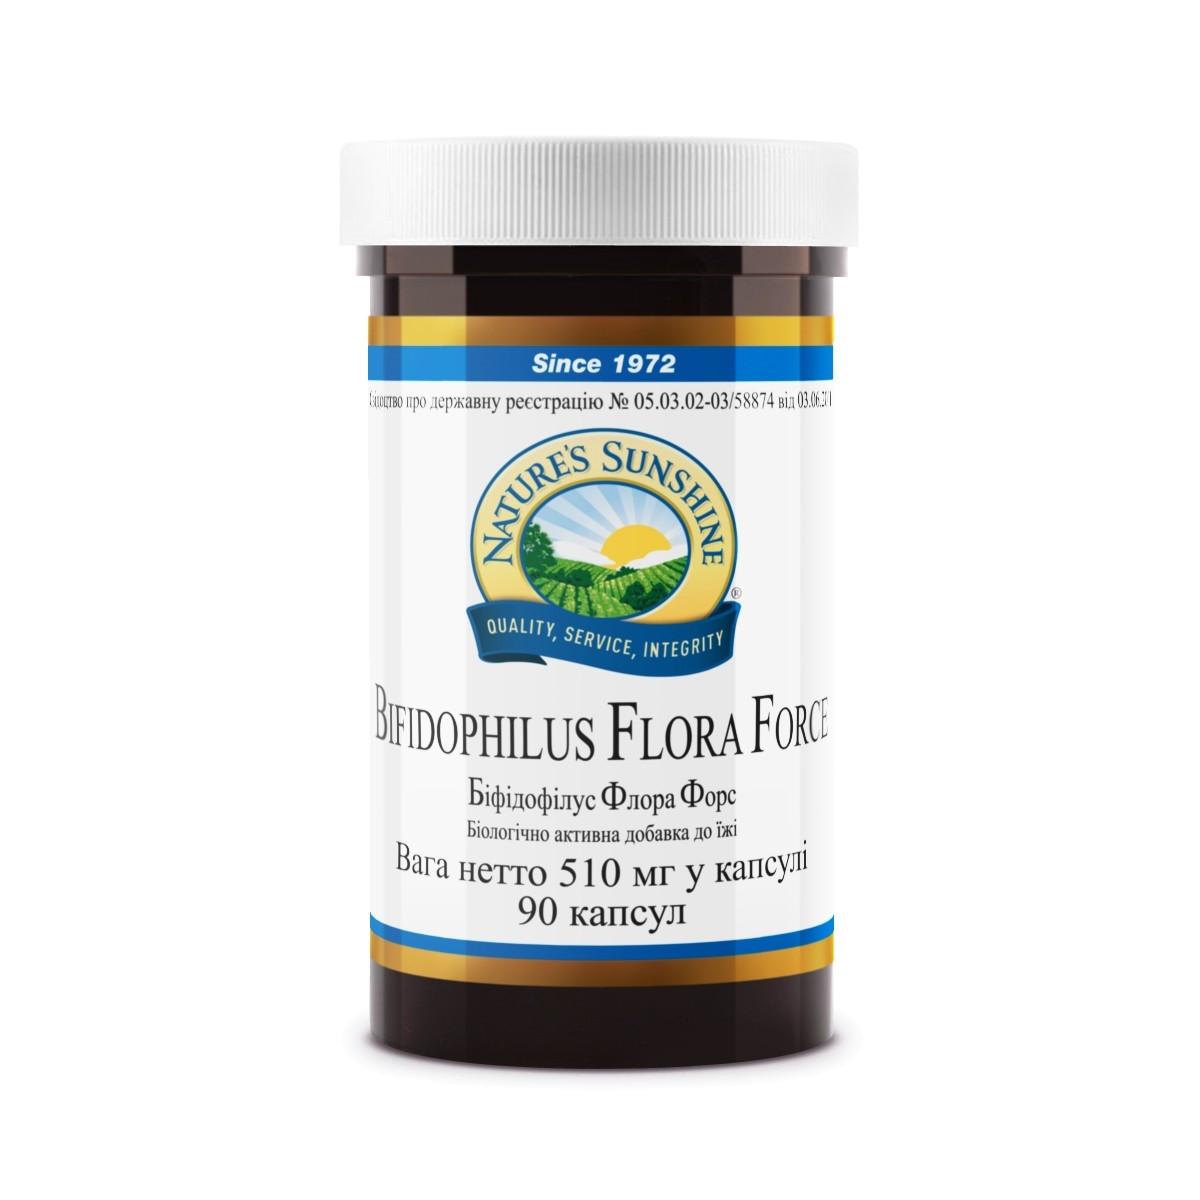 Бифидофилус Флора Форс. Bifidophilus Flora Force бад НСП.